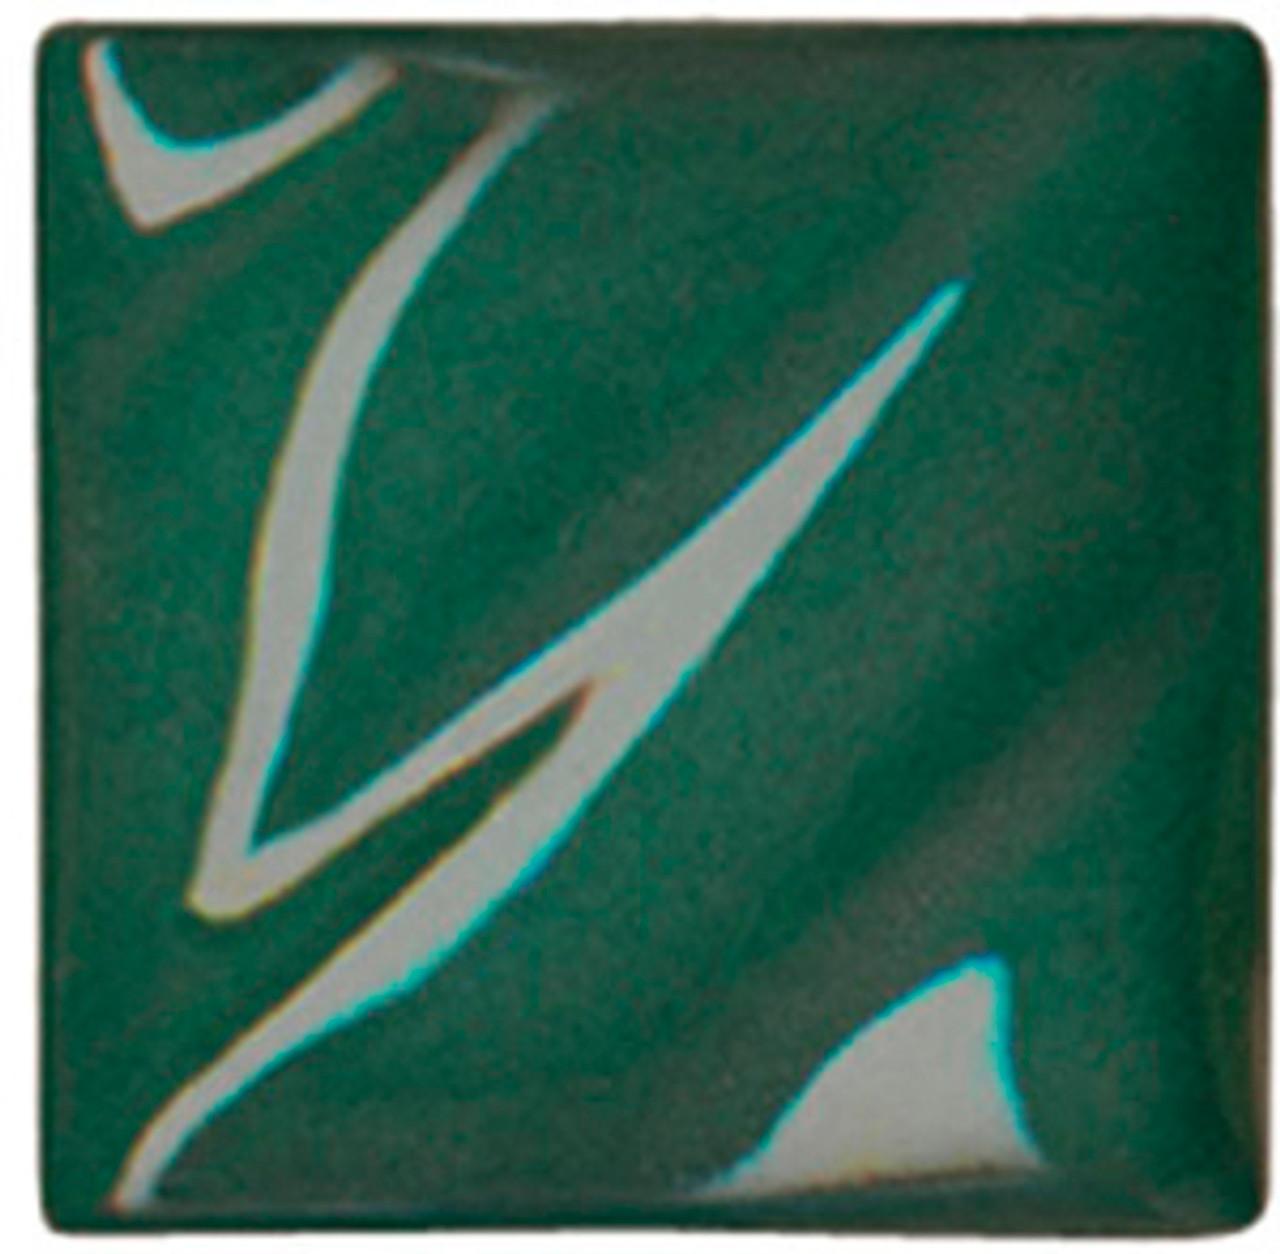 LUG-42 Blue Green